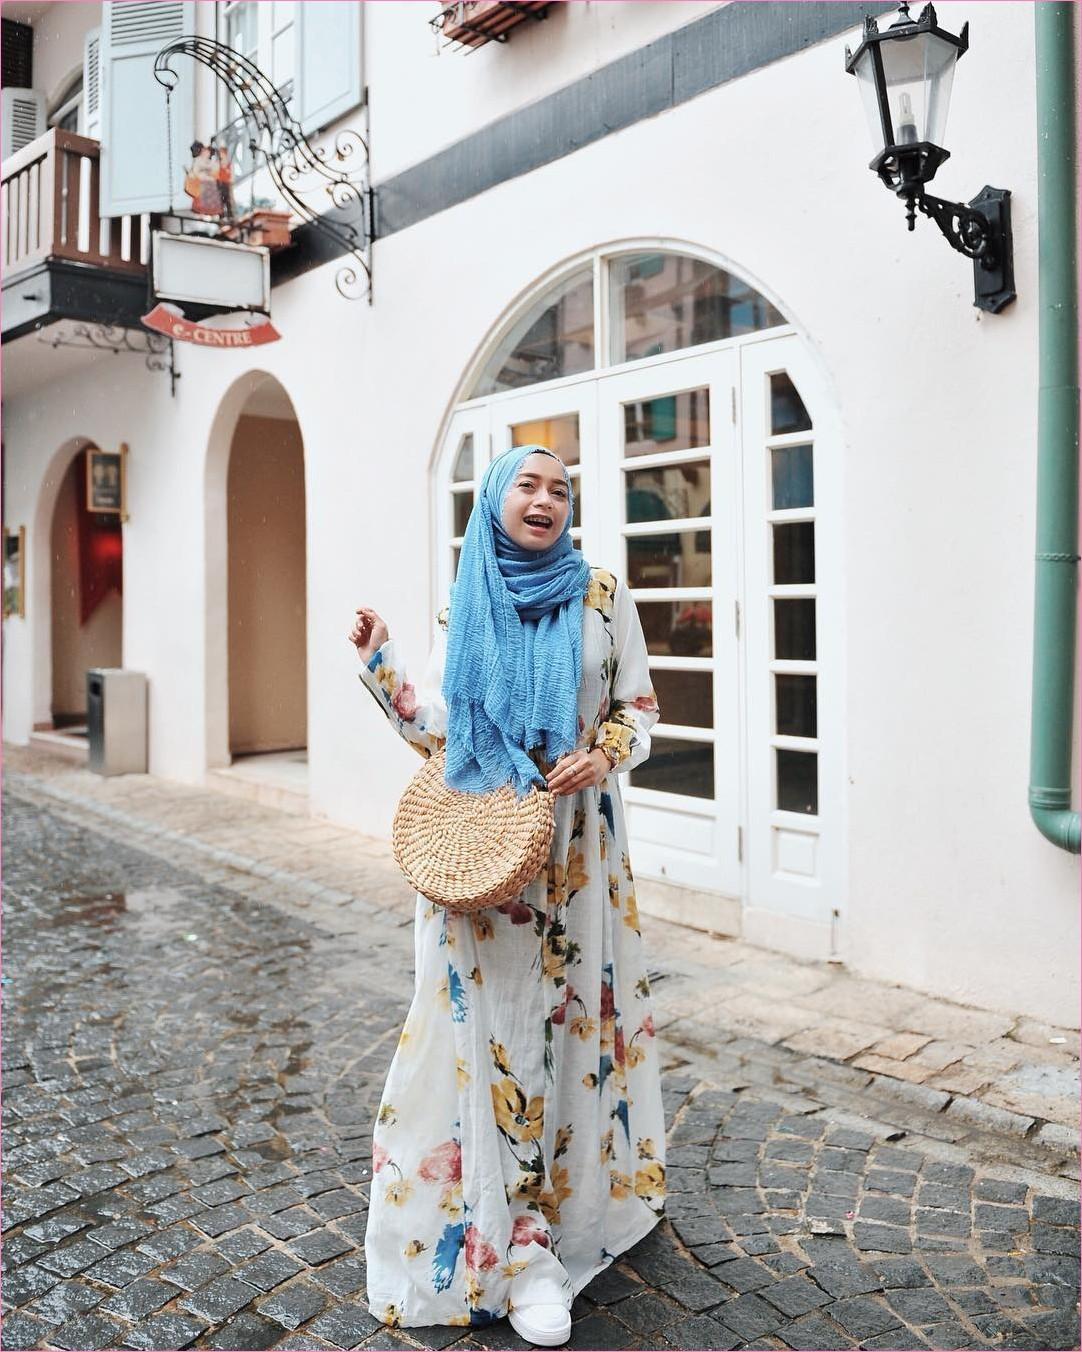 Outfit Baju Gamis Berhijab Ala Selebgram 2018 gamis abaya bunga kuning hijab pashmina rais biru muda lace ups sneakers putih loafers and slip ons ciput rajut trendy terbaru 2018 ootd outfit selebgram slingbags rotan